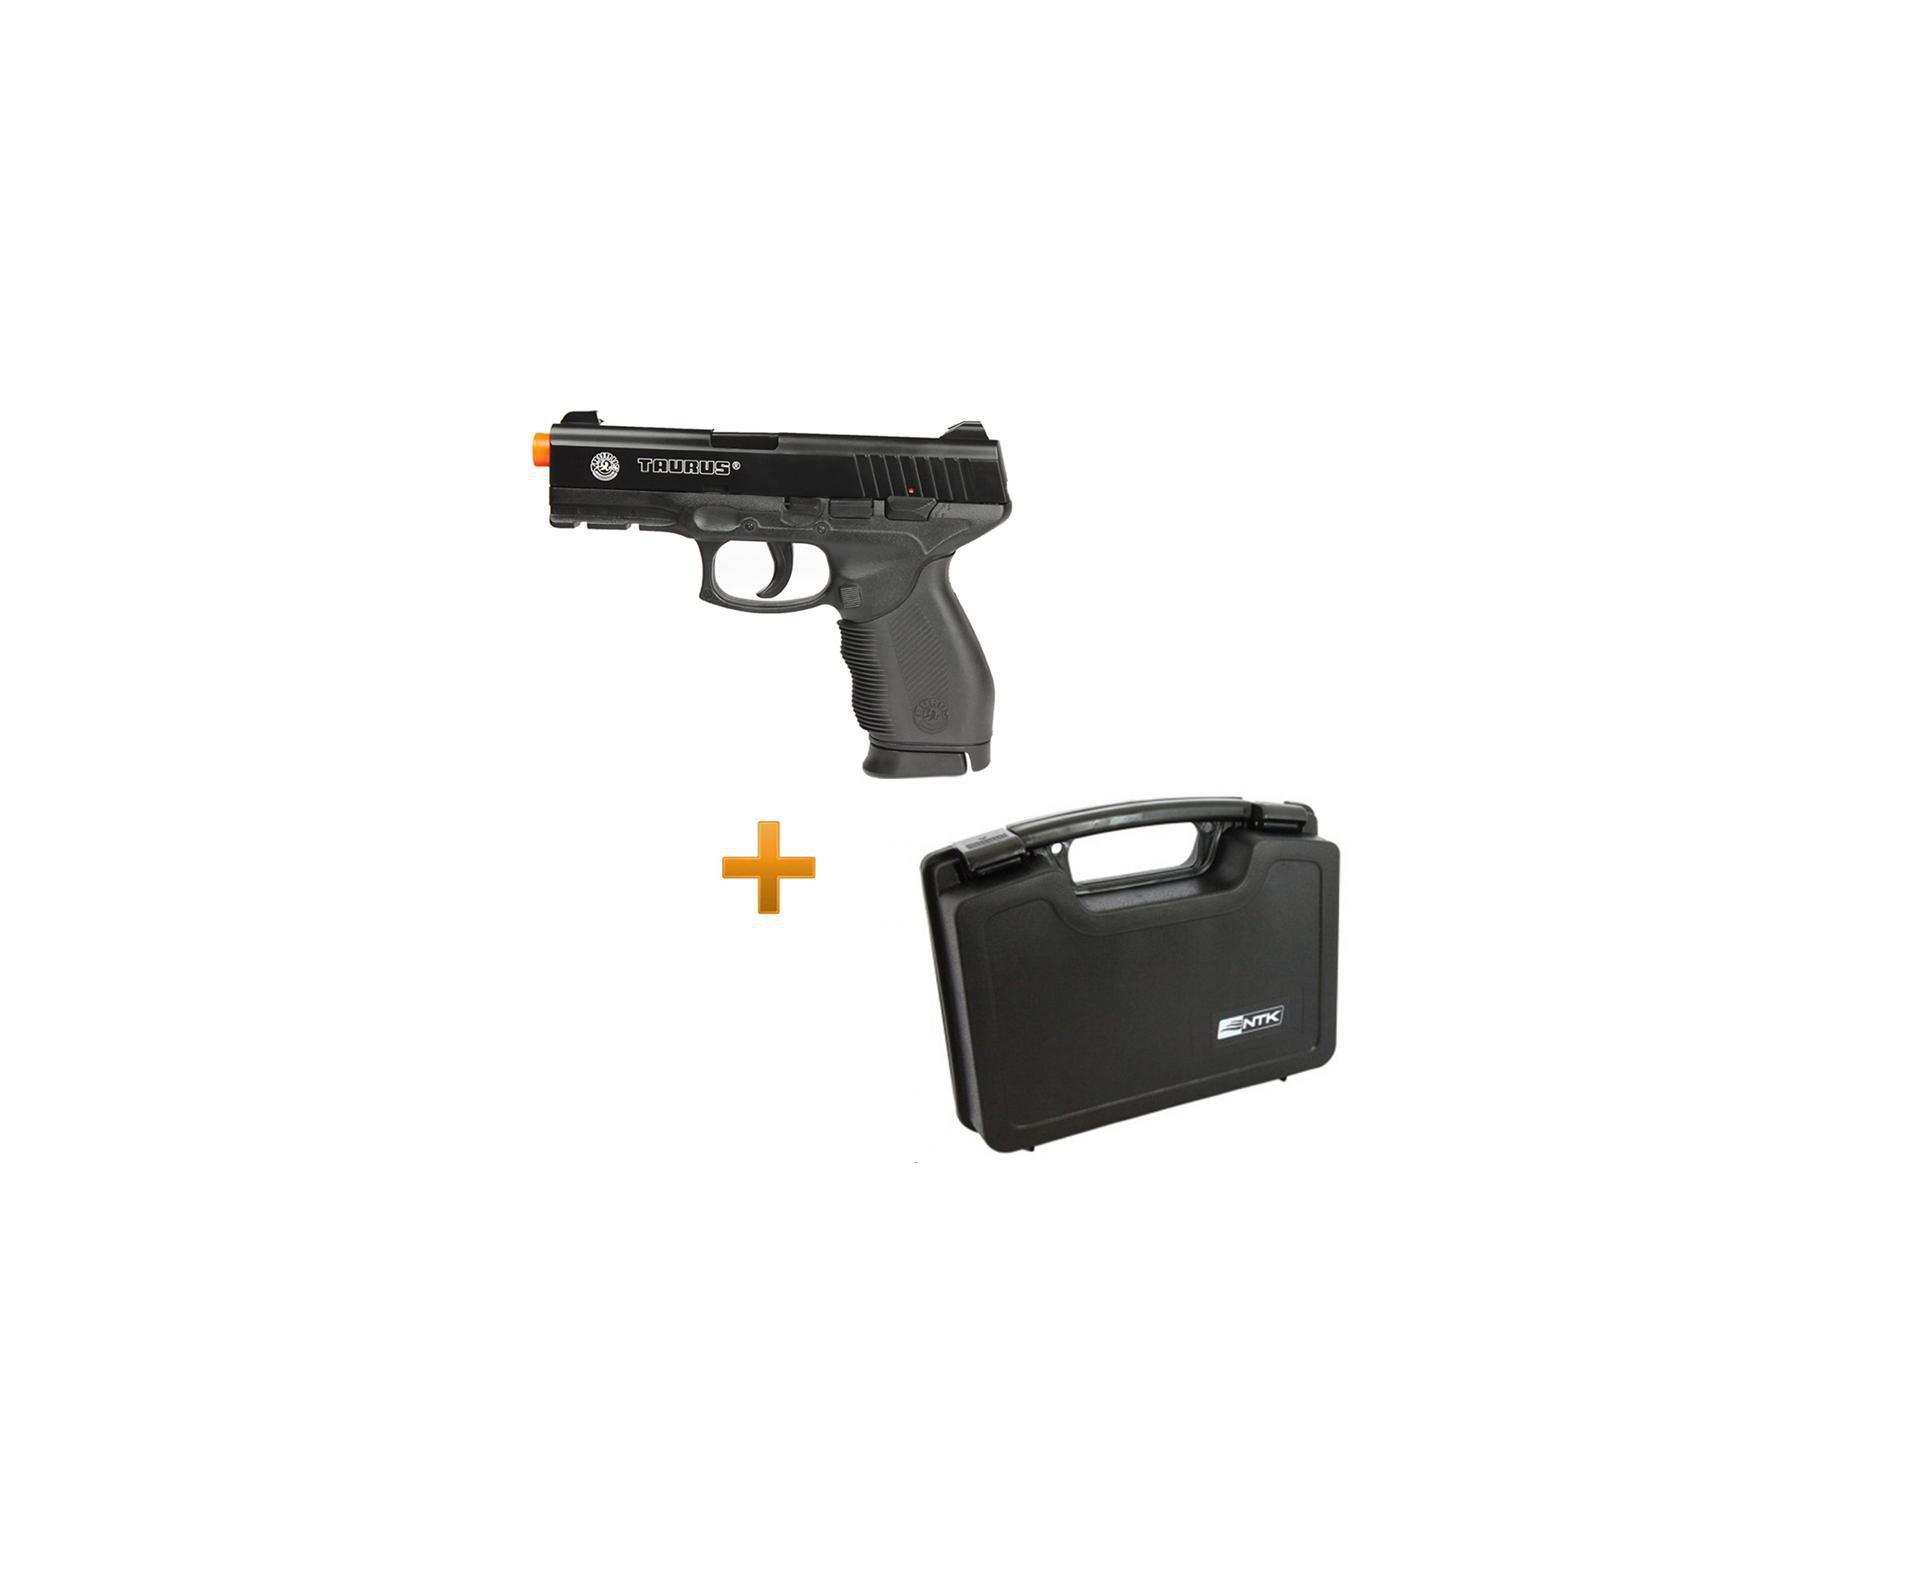 Pistola De Airsoft Taurus 24/7 Spring + Case Nautika